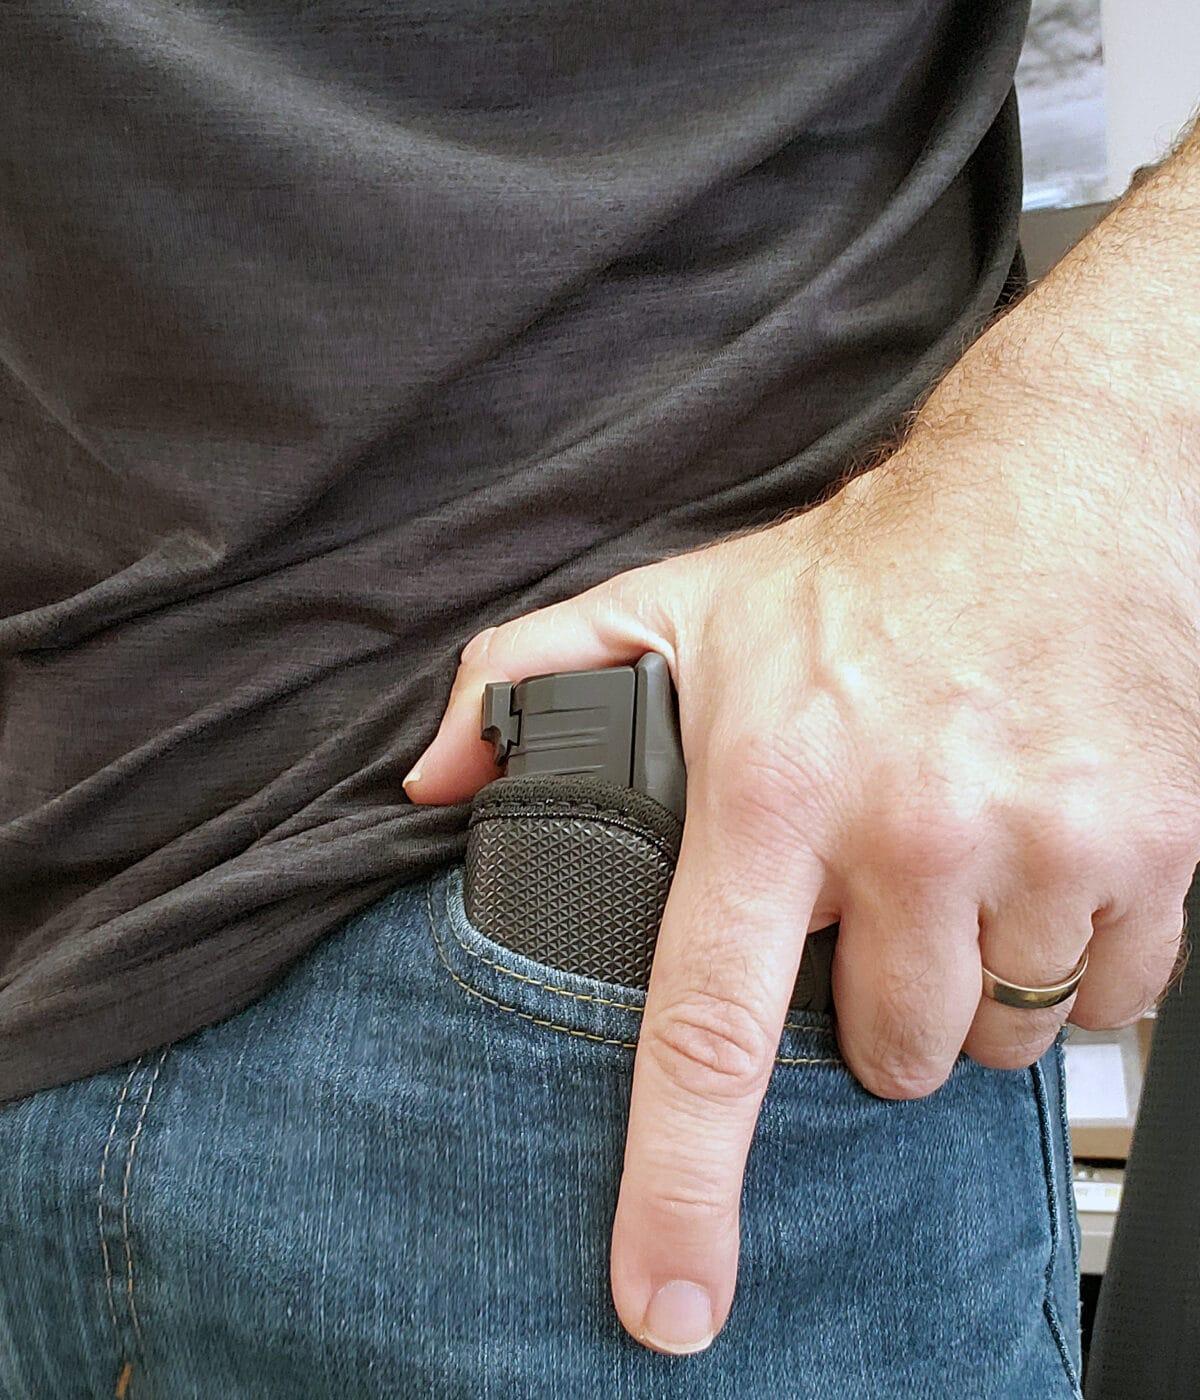 Man drawing Springfield Hellcat in Galco StukOn-U pocket holster from pocket